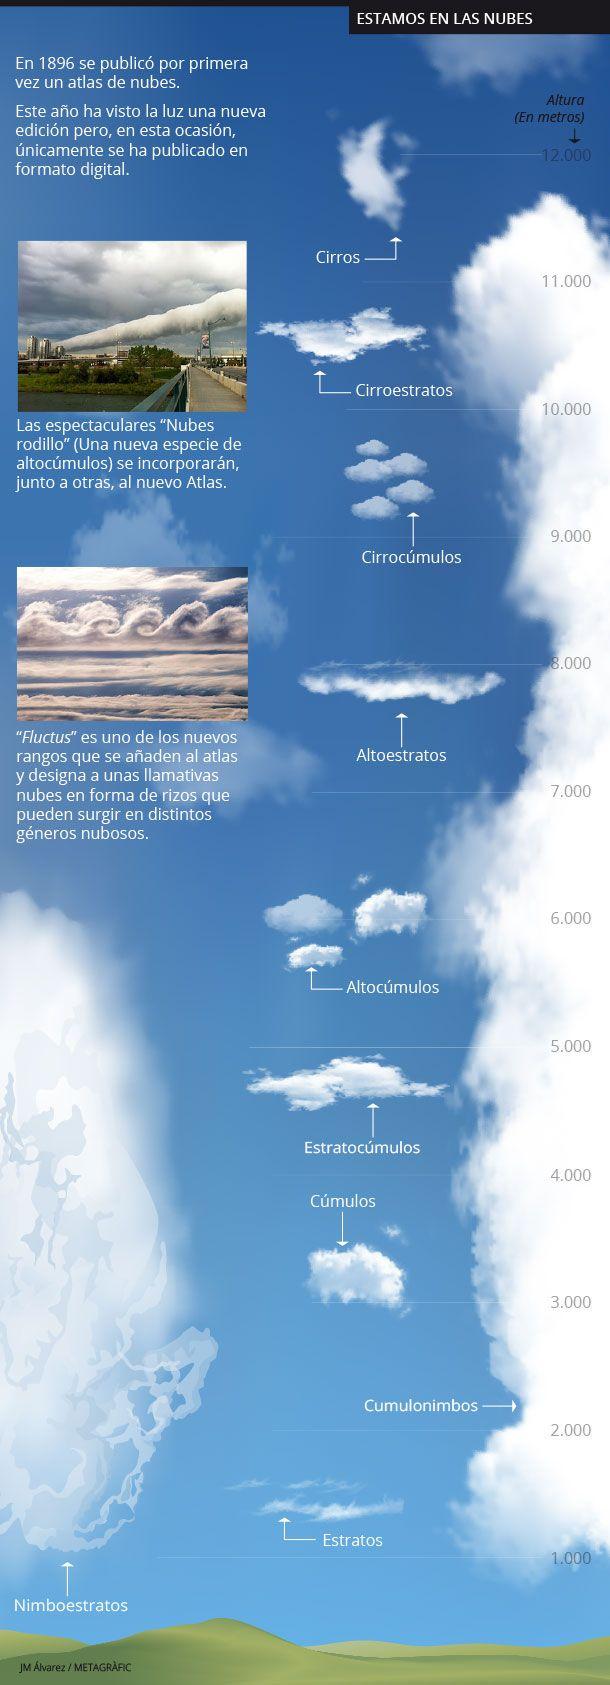 Habemus novum nubes (Tenemos nuevas nubes)   Conec